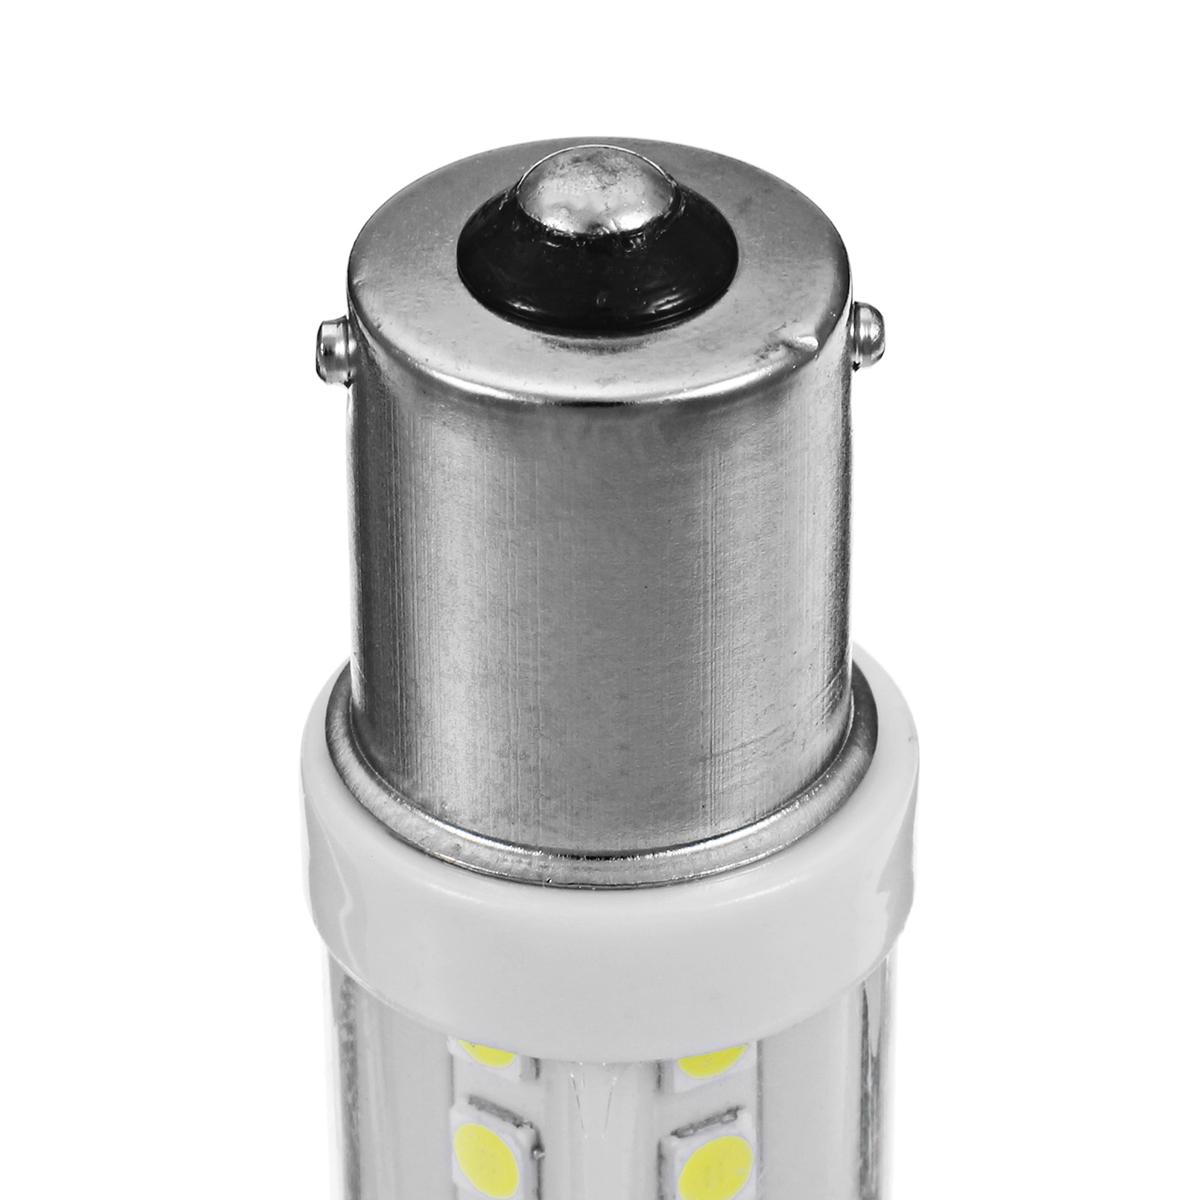 1156 BA15S DC12V-24V 7.8W 900LM Ceramic 18LED Car Turn Lights Taillight Reversing Bulb White